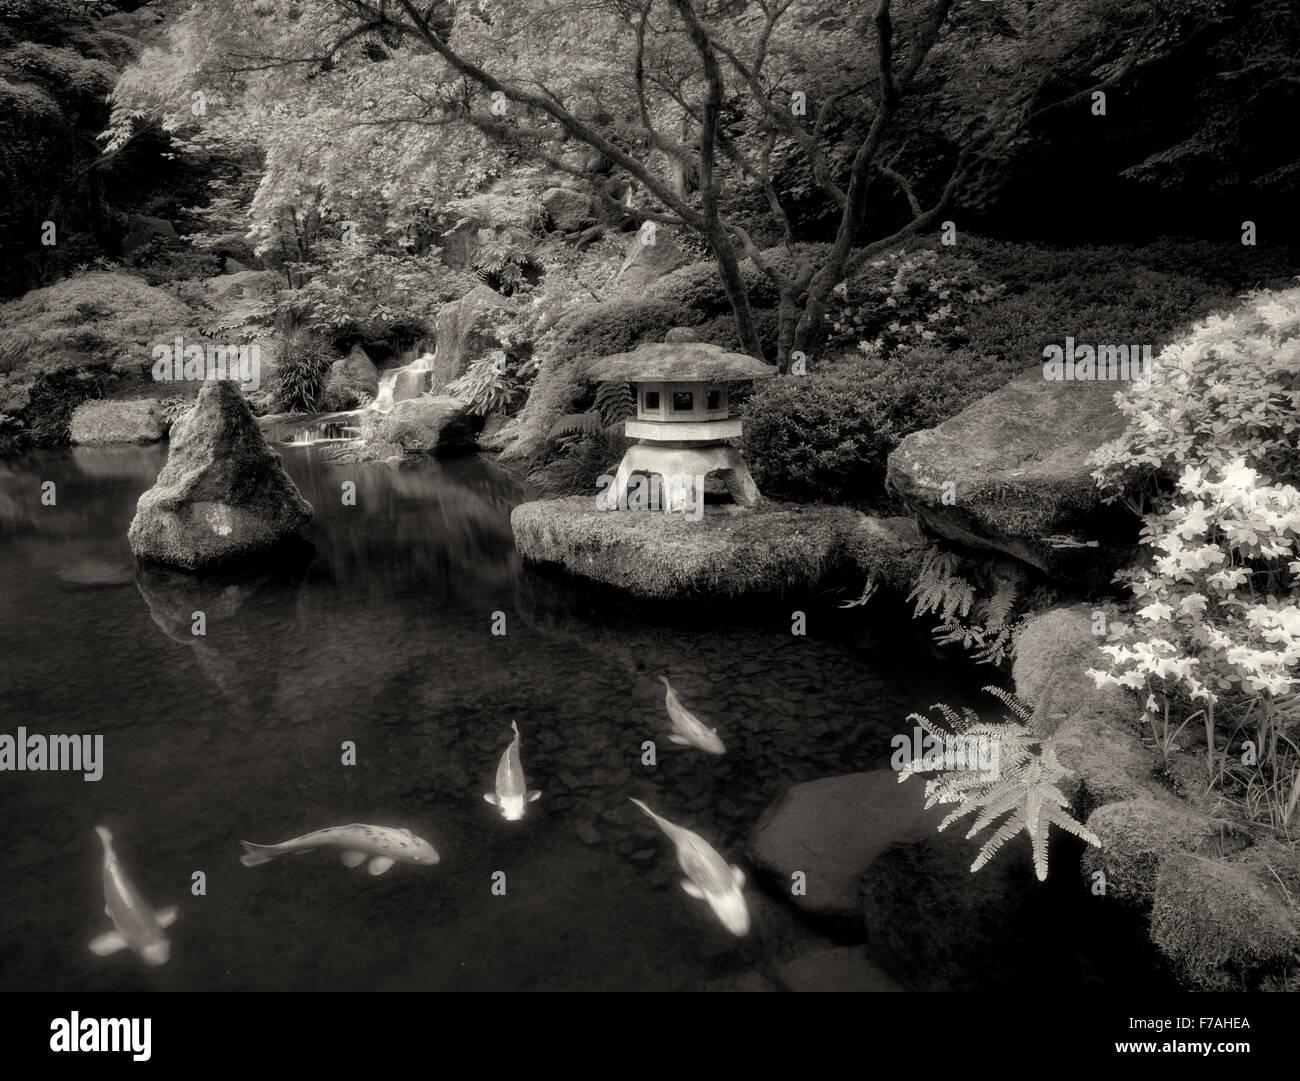 En el estanque koi japonés con linterna y cascadas. Jardines Japoneses. Portland, Oregón Imagen De Stock